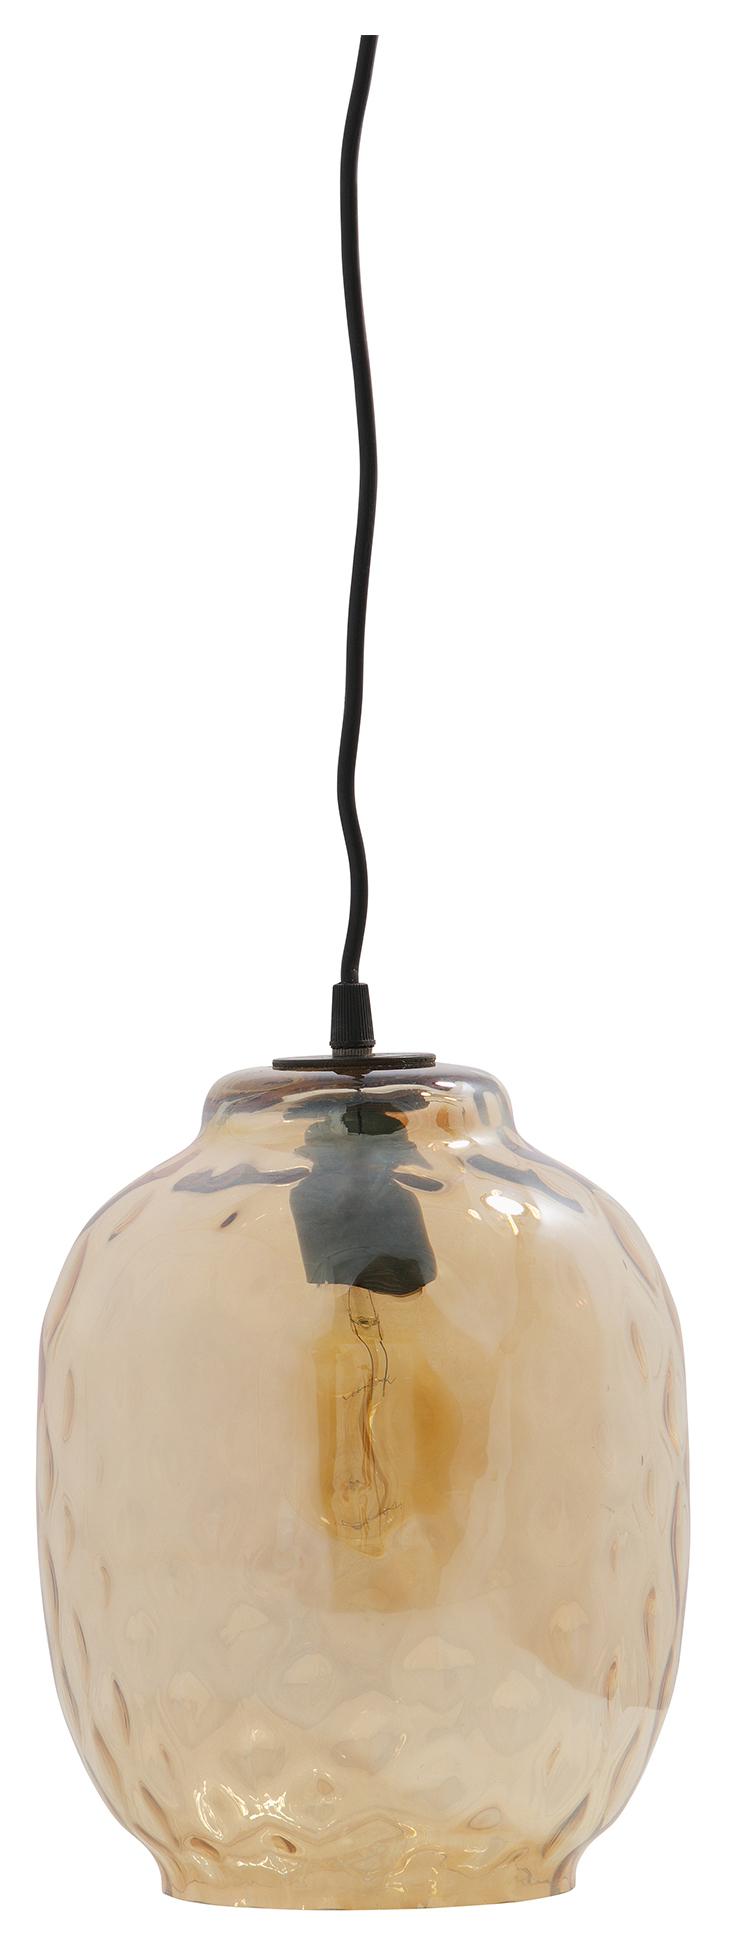 BePureHome Hanglamp 'Bubble', kleur Antique Brass  kopen